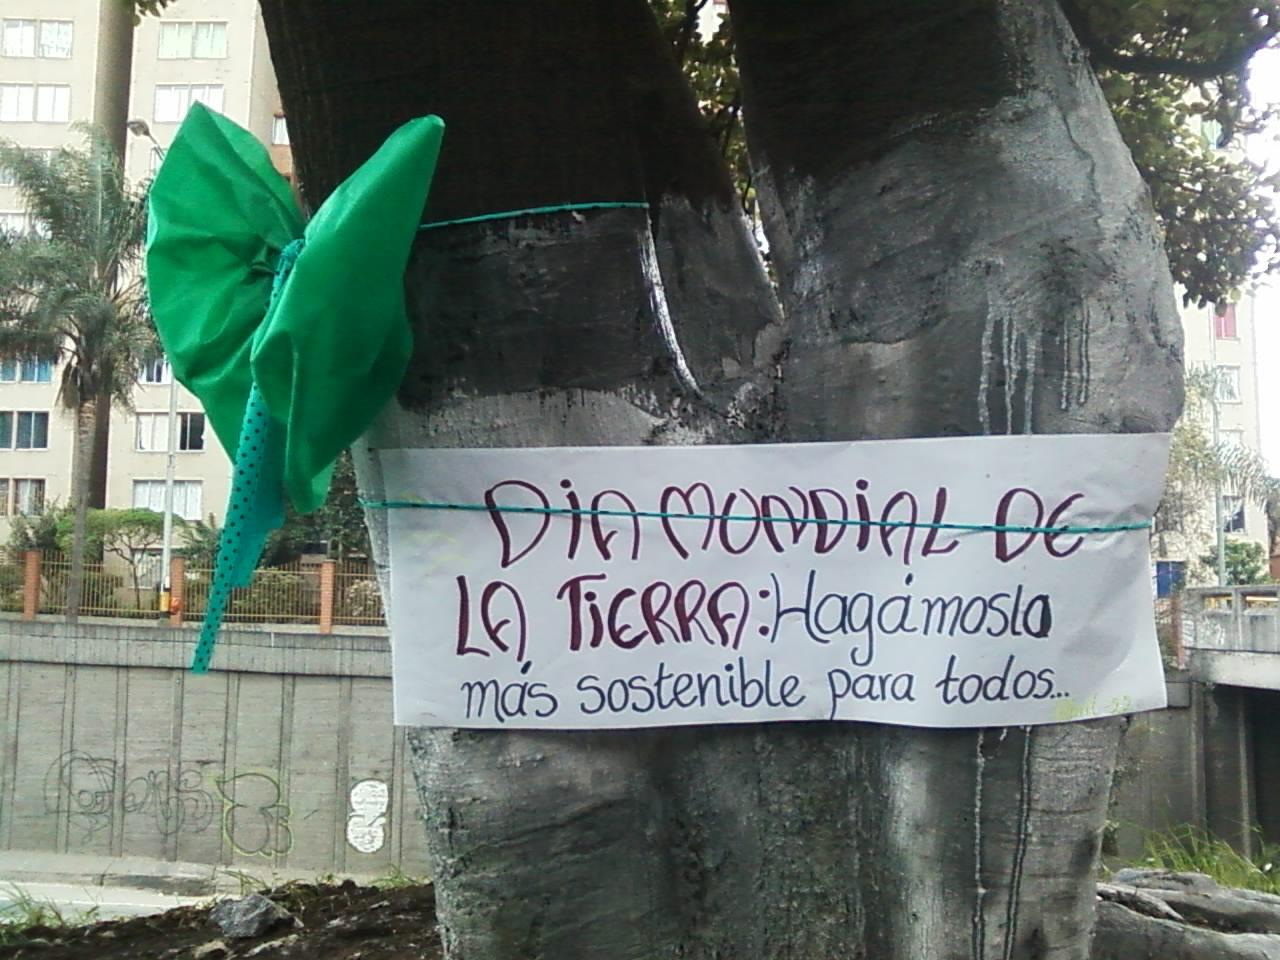 Baños Inodoros Medellin: Ferriere Medellin: Limpieza de el Árbol Frente a la Casa Sede Medelin